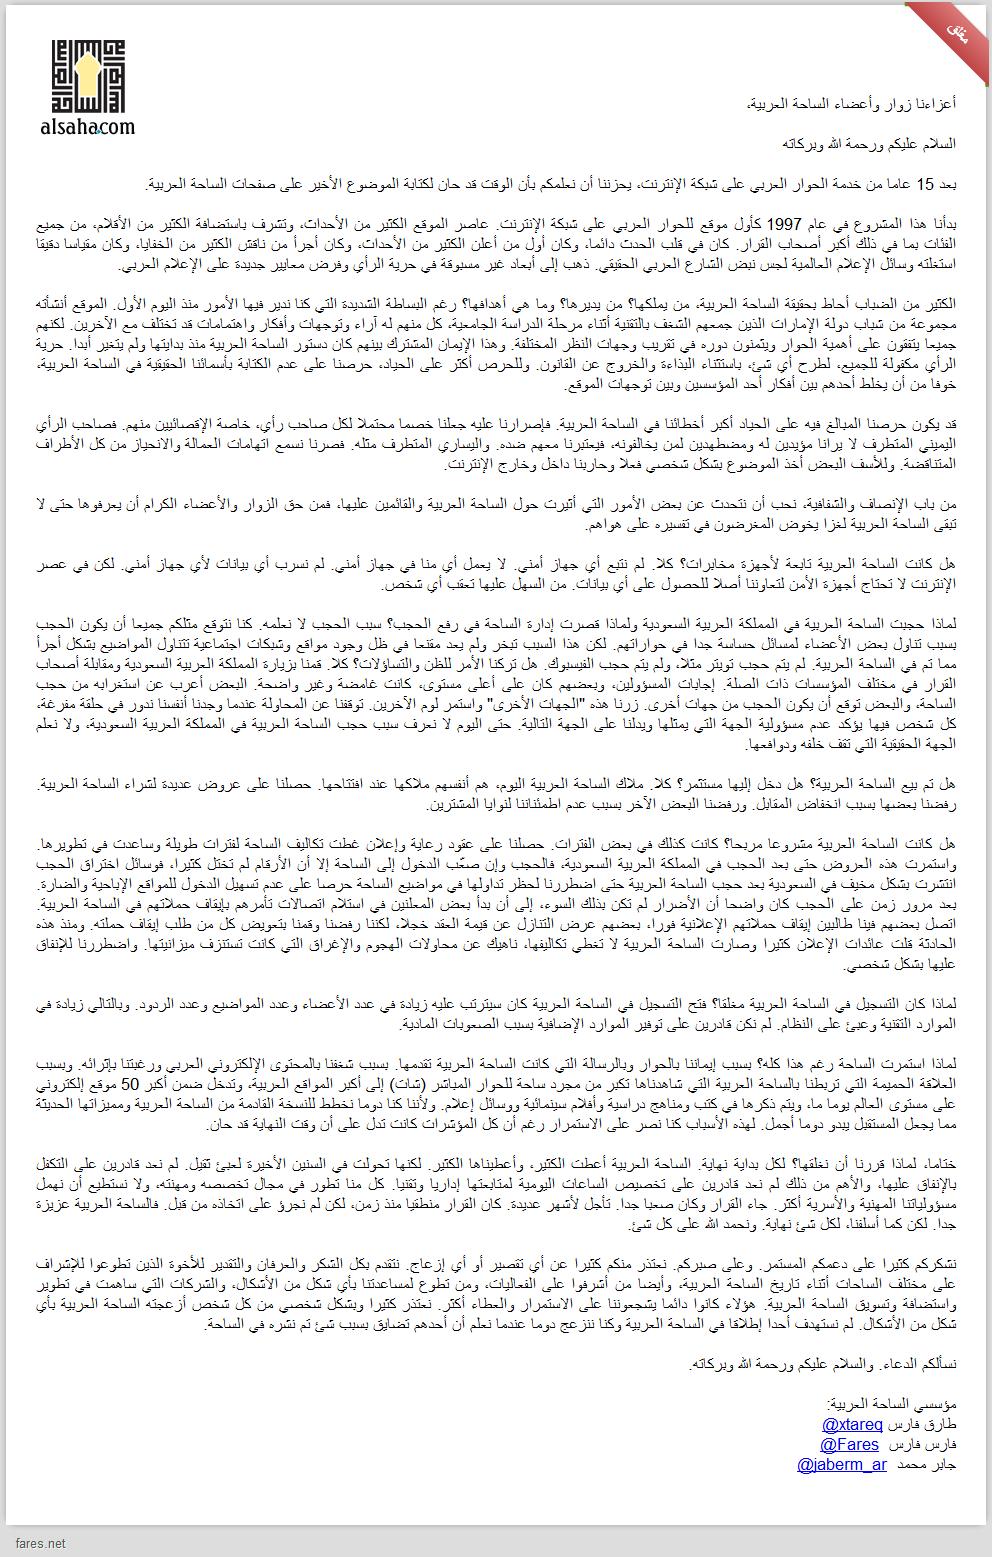 بيان إقفال الساحة العربية